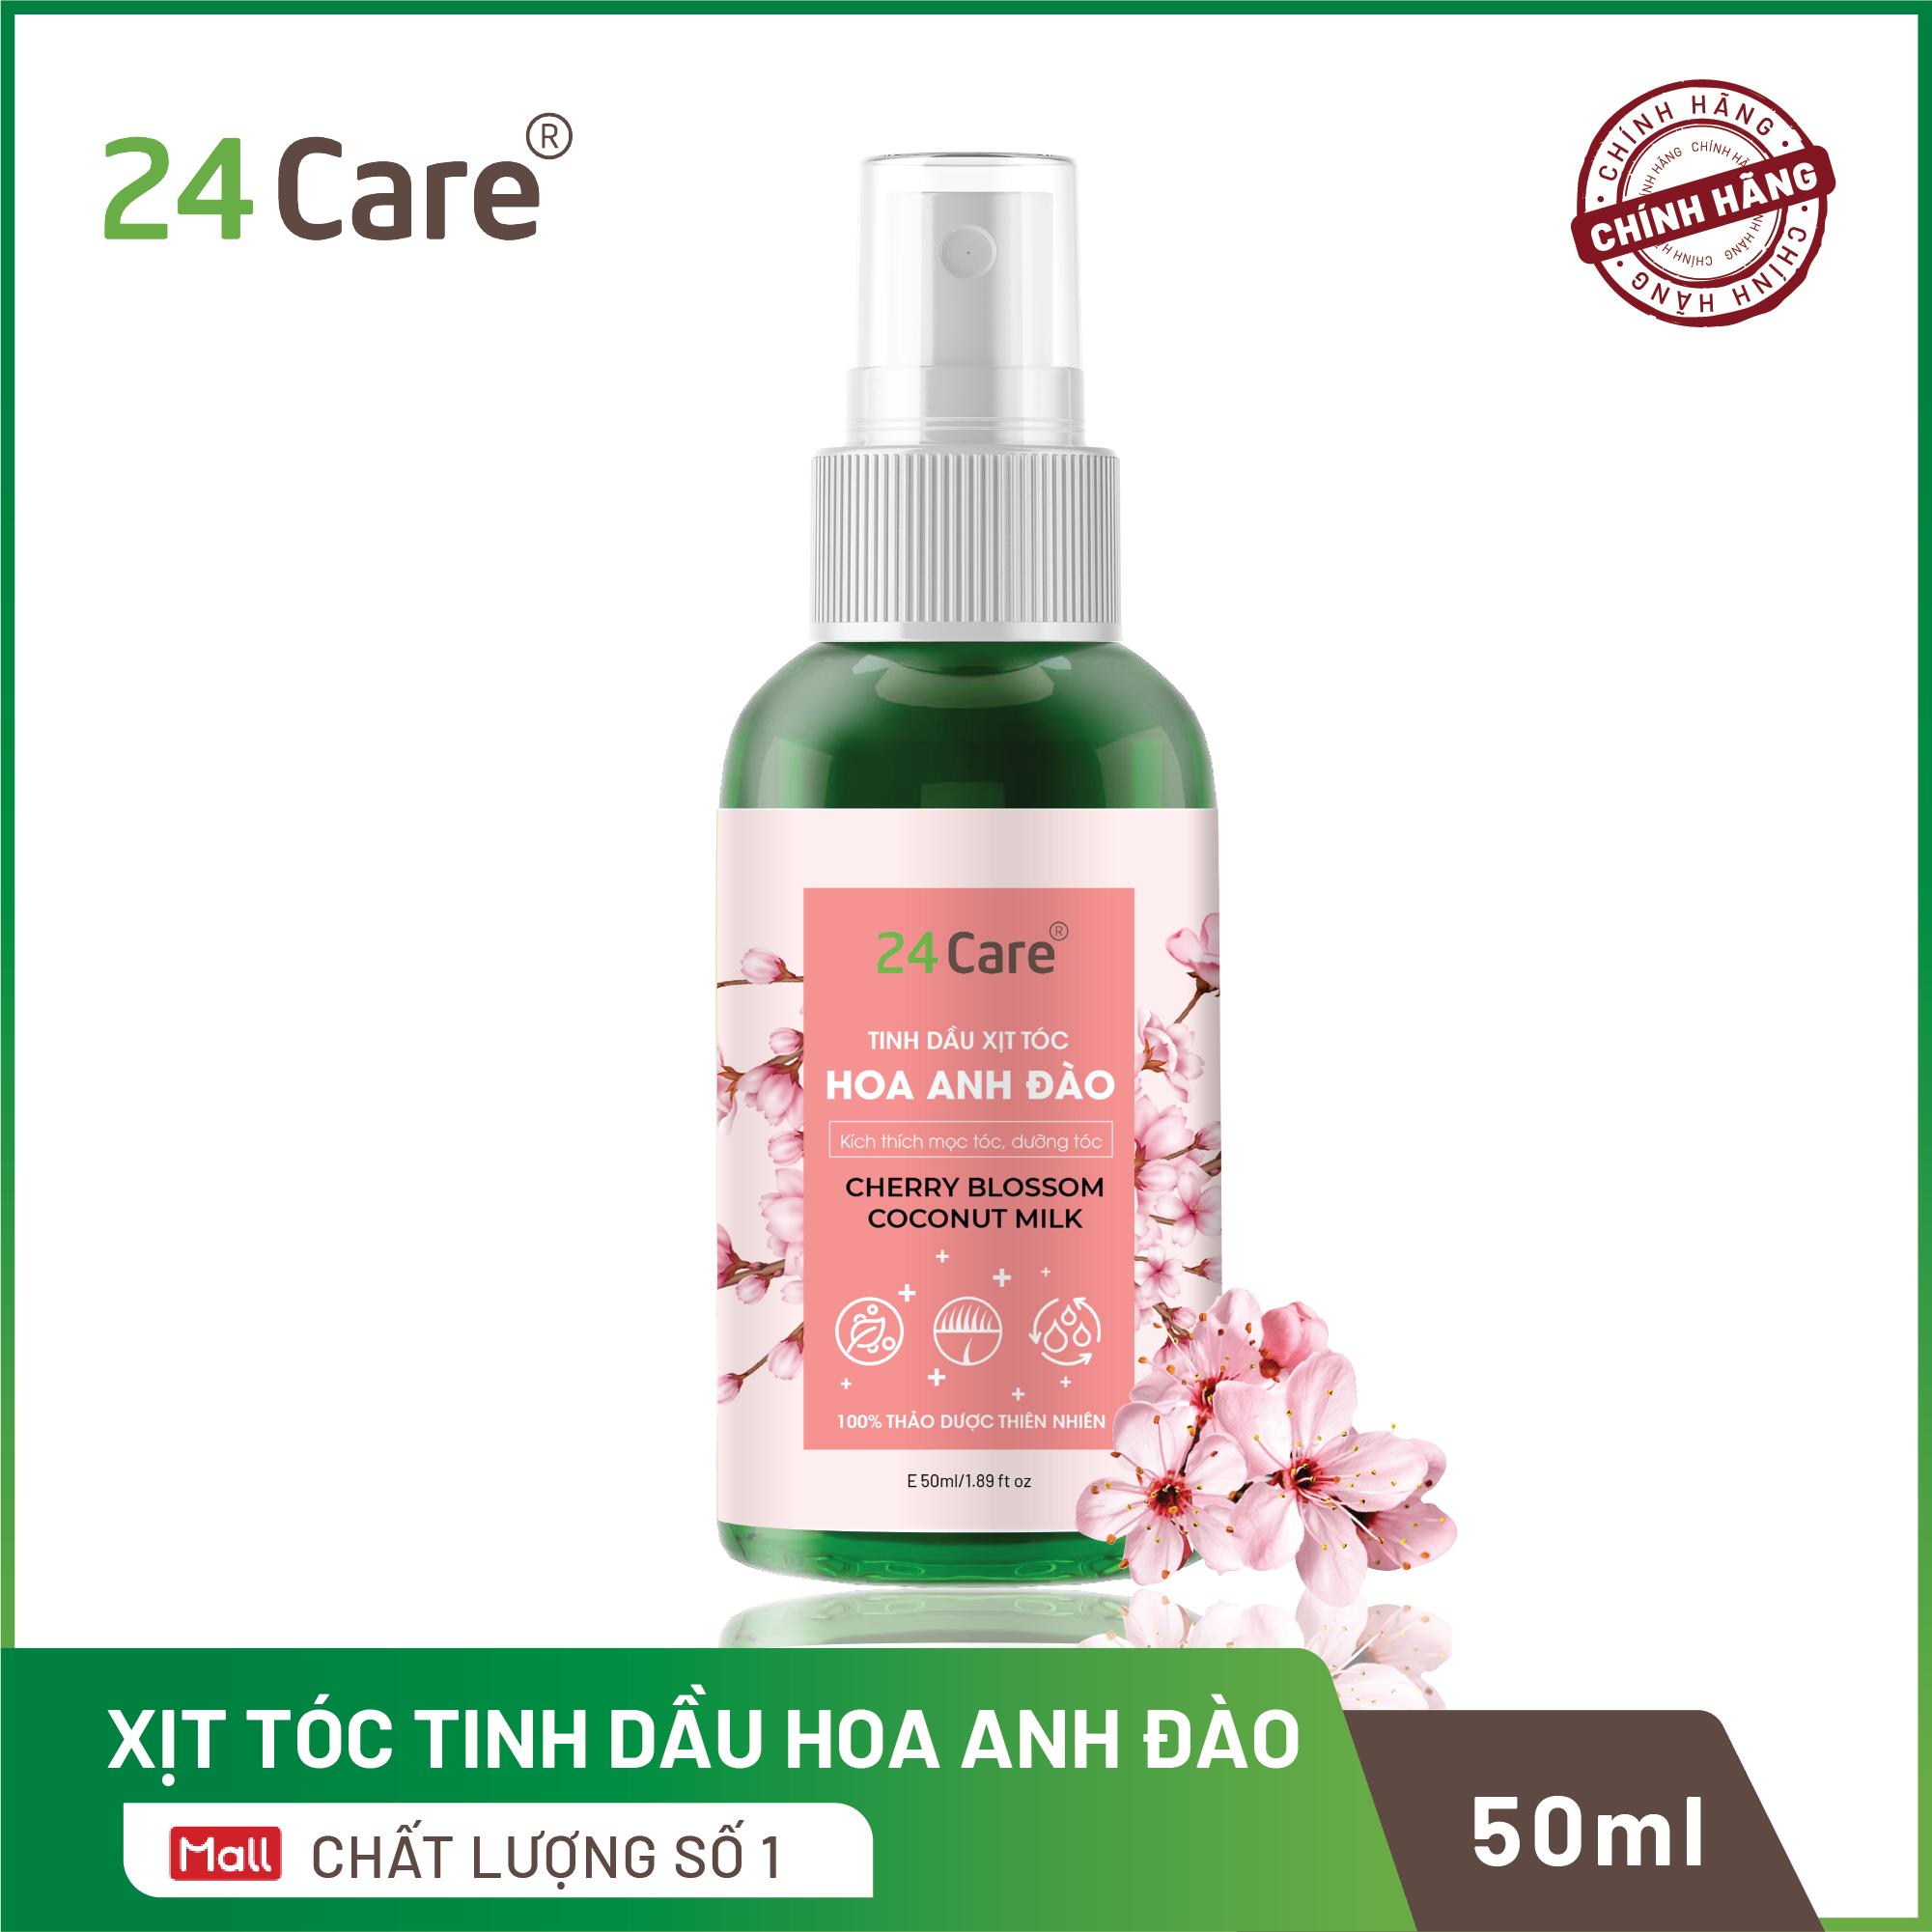 Xịt tóc Tinh Dầu hương Hoa Anh Đào 50ml – thơm tóc, hạn chế bạc tóc, nuôi dưỡng mái tóc chắc khỏe